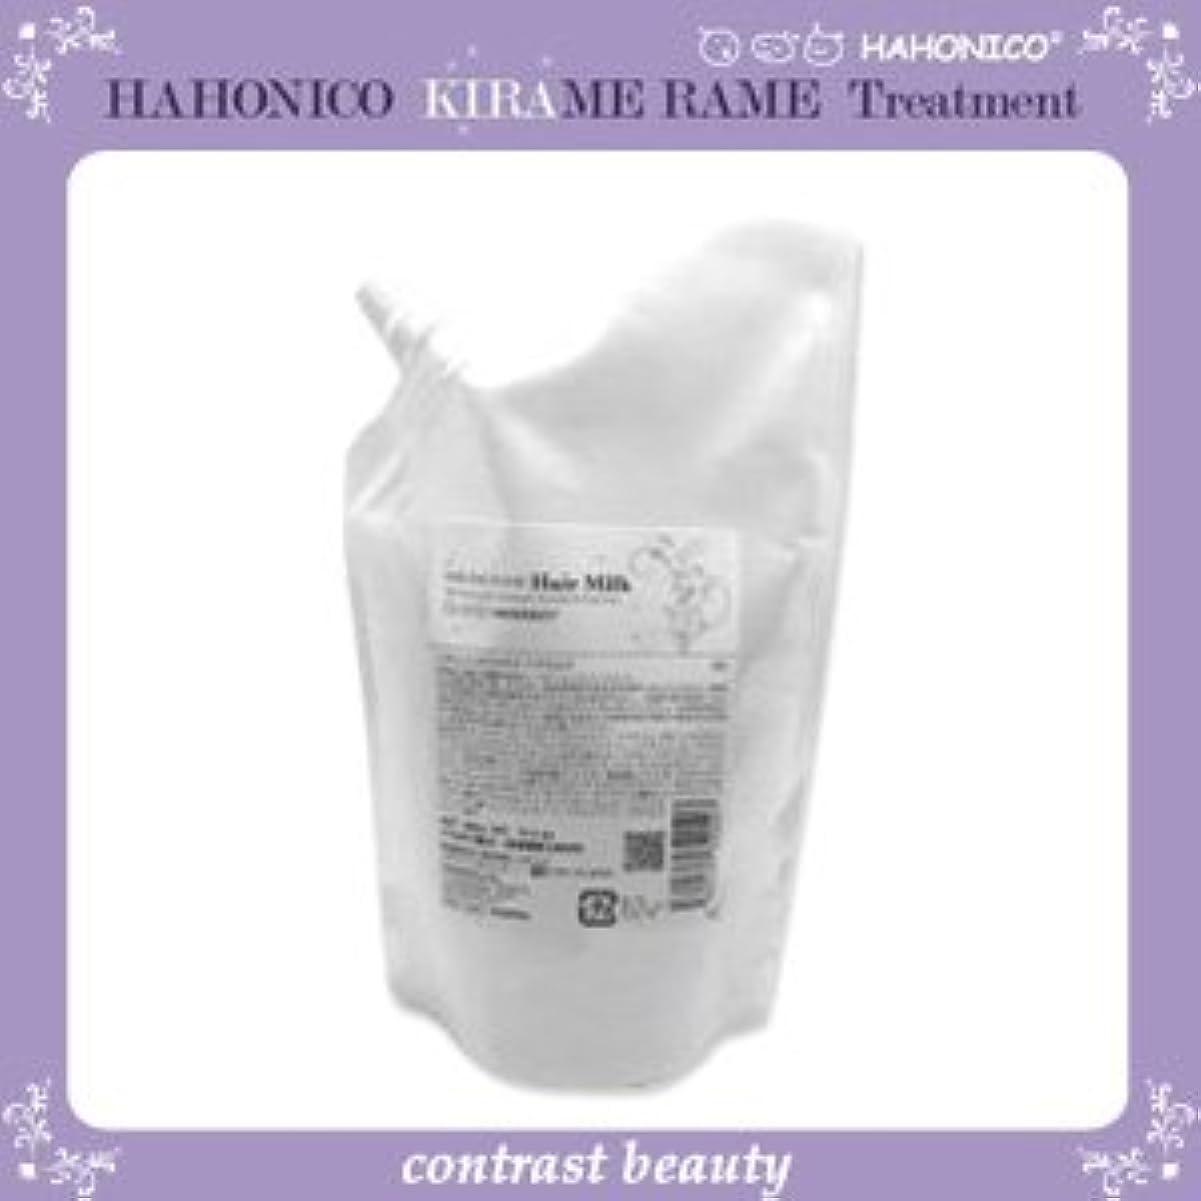 動脈代わりに保存する【X4個セット】 ハホニコ キラメラメ ヘアミルク 300g KIRAME RAME HAHONICO